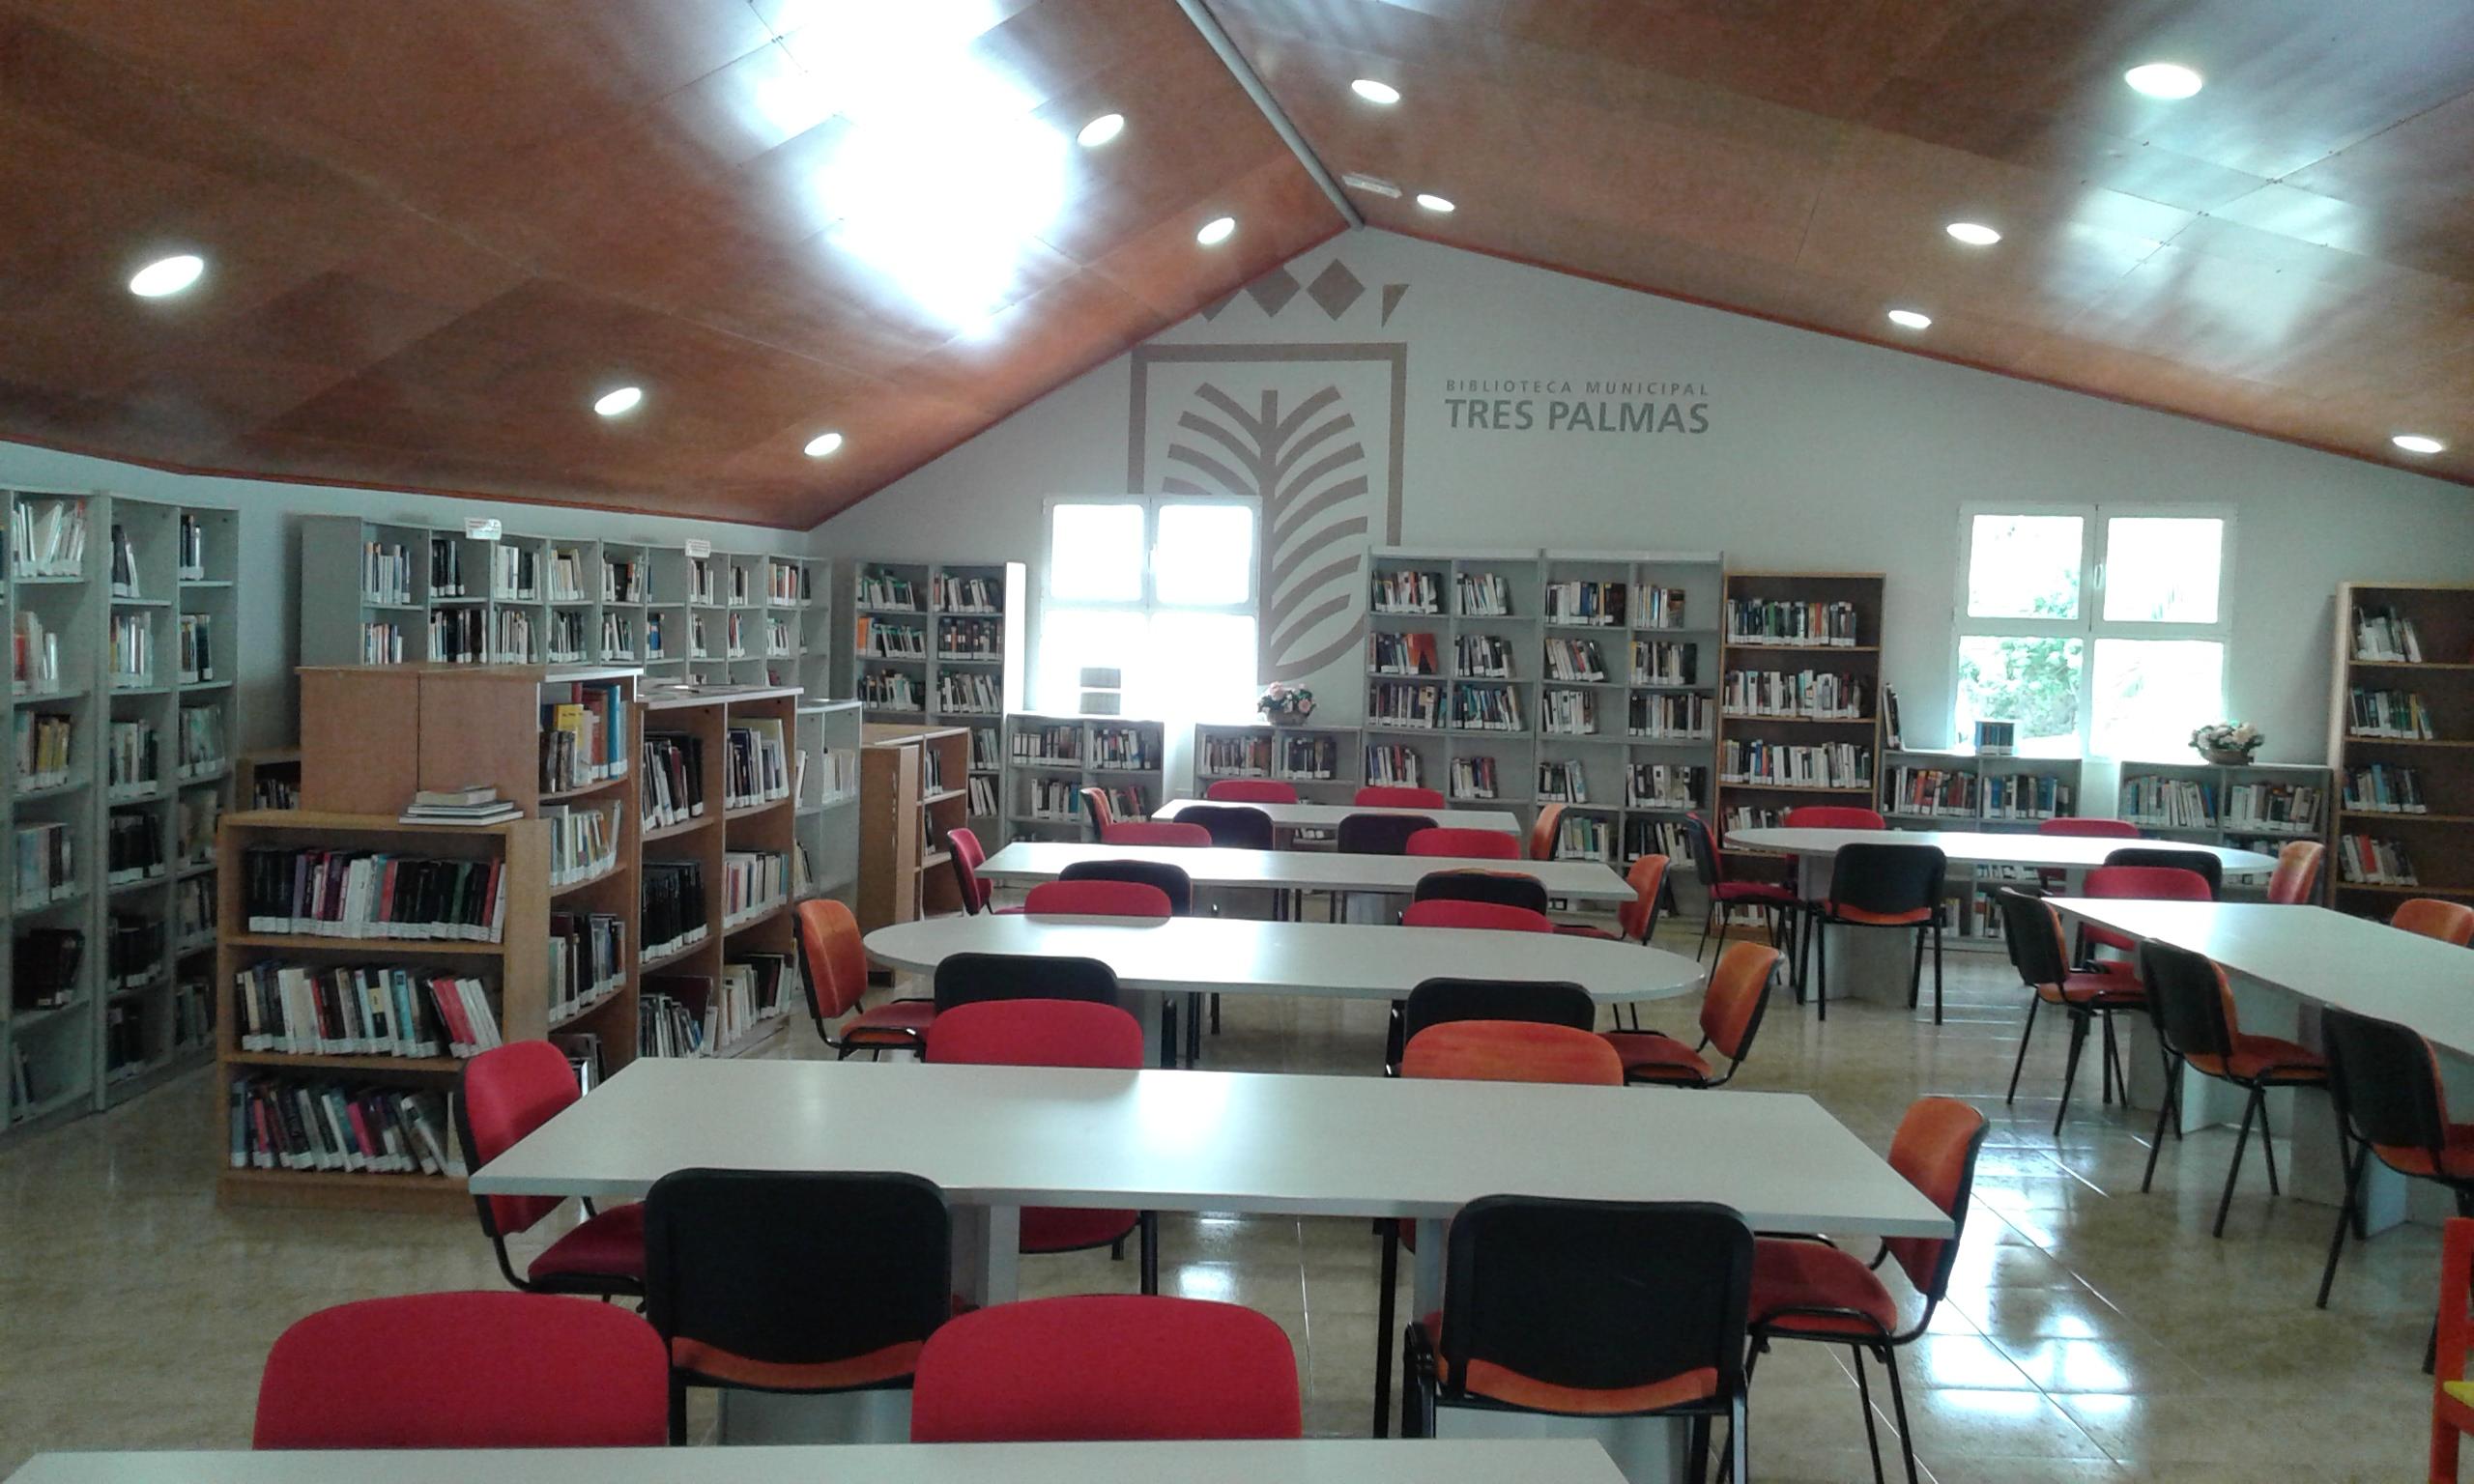 Unidos por Gran Canaria lamenta la situación de abandono de los trabajadores en las bibliotecas municipales por parte del Ayuntamiento de Las Palmas de Gran Canaria